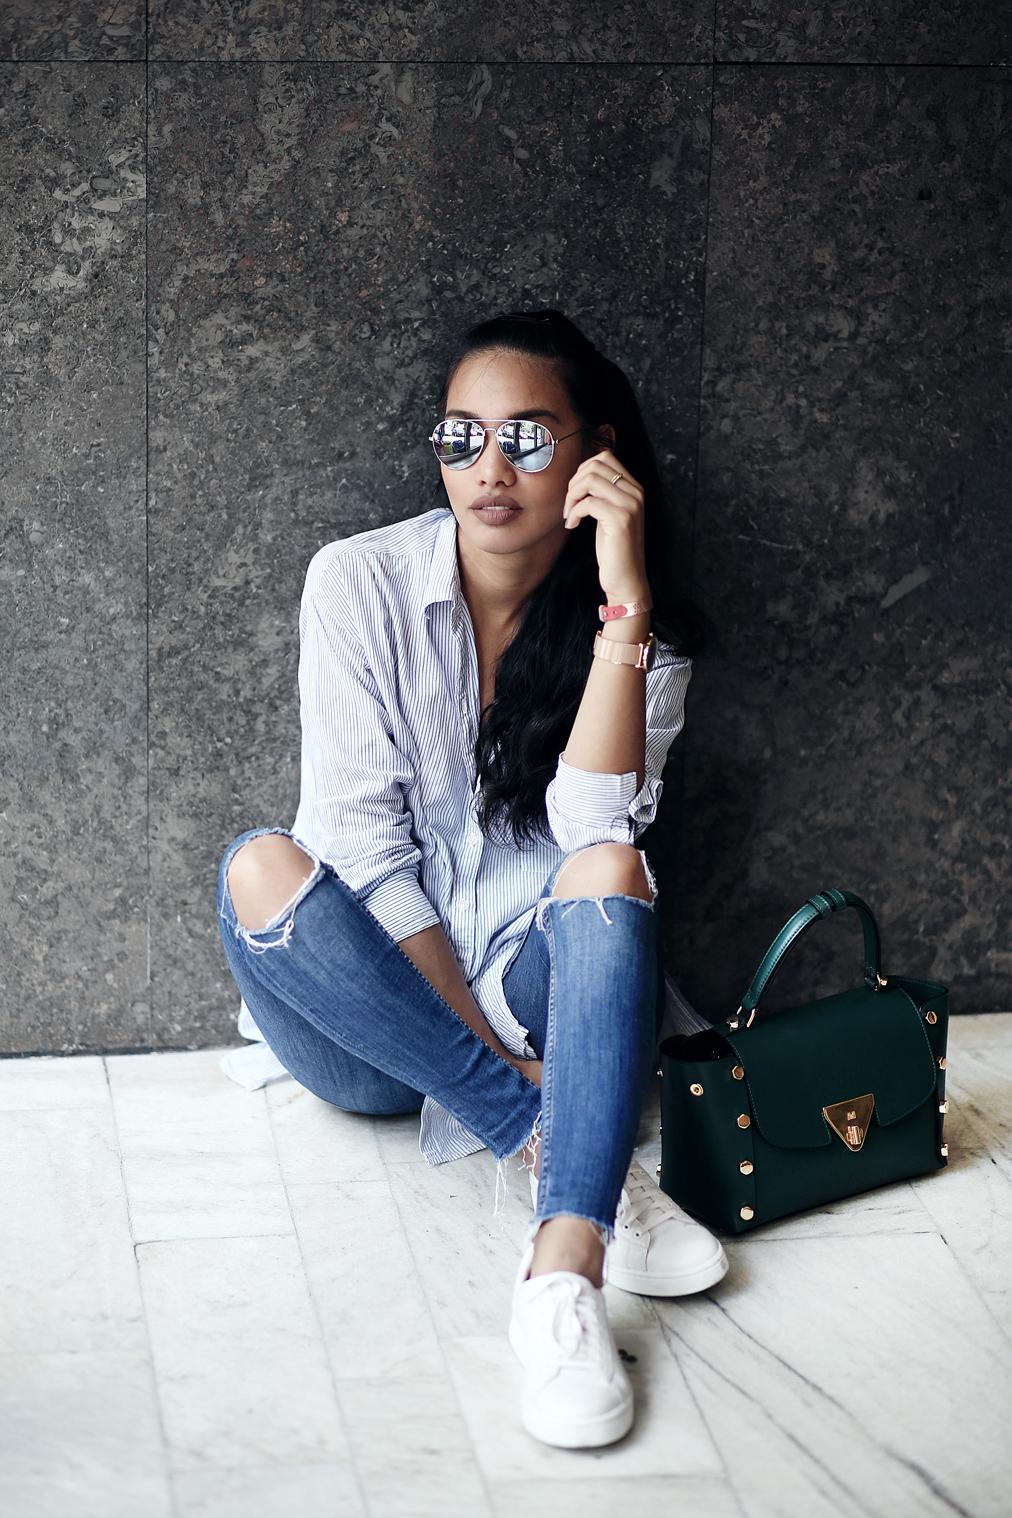 thefashionanarchy_blogger_fashionblogger_modeblogger_styleblogger_sonntagspost_gedankenpost_single_dasein_vorteile_munich_muenchen_blogger_lifestyleblog_3